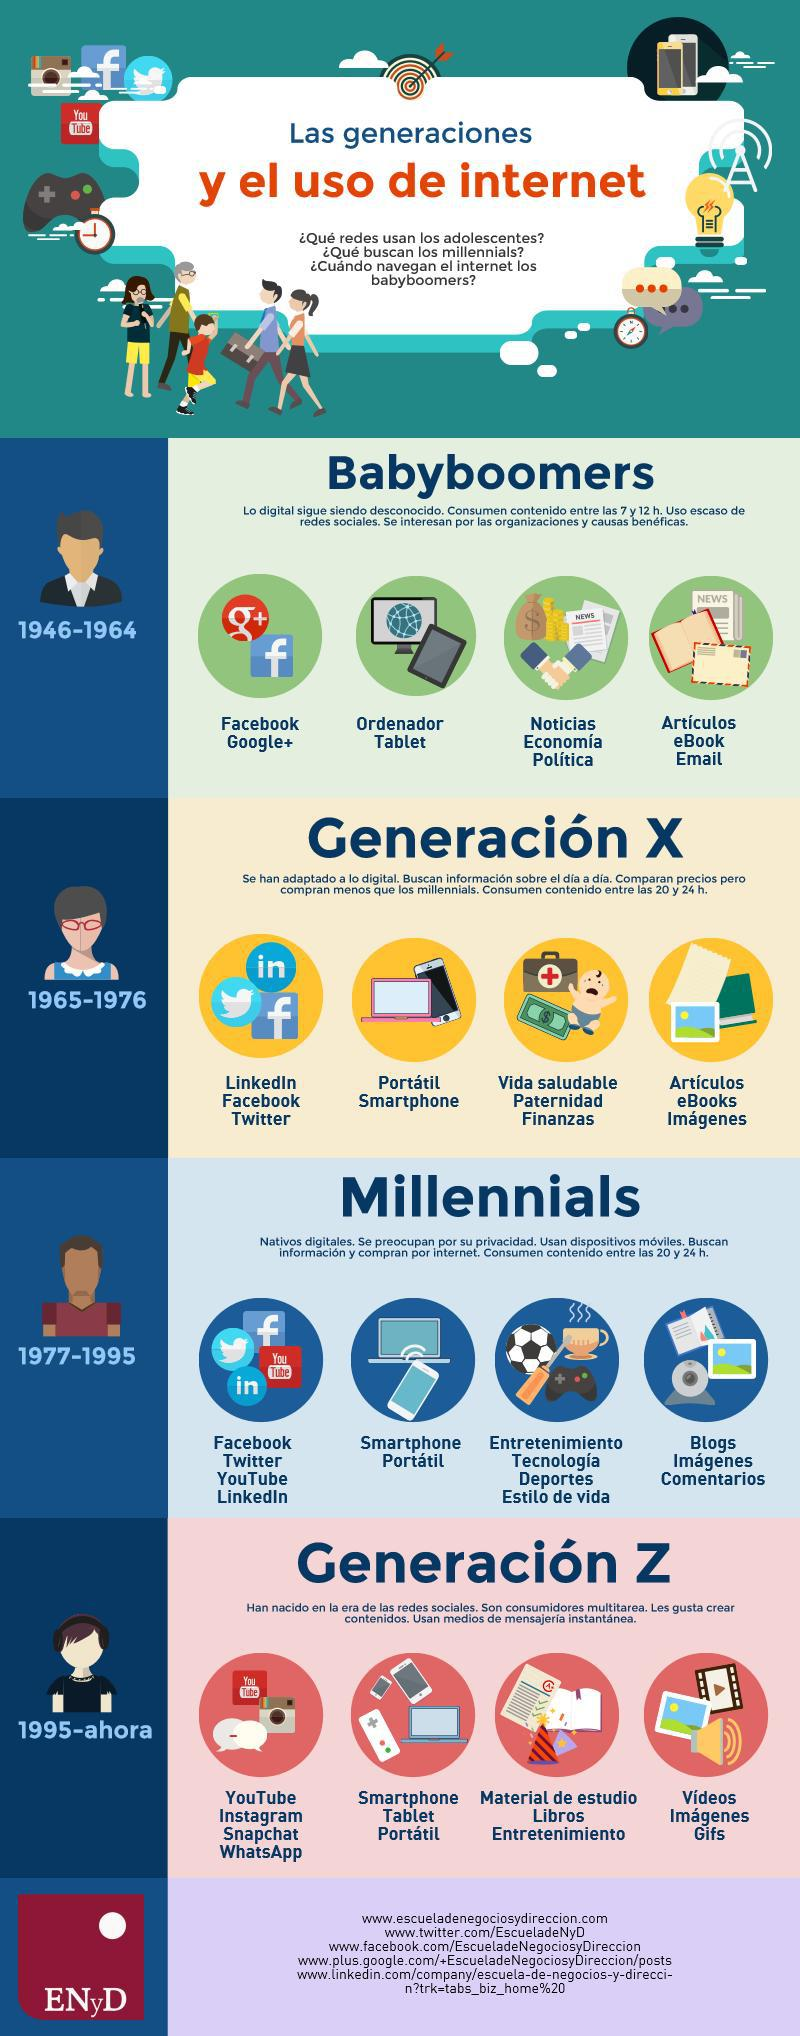 Así es el uso de Internet por generaciones en la actualidad